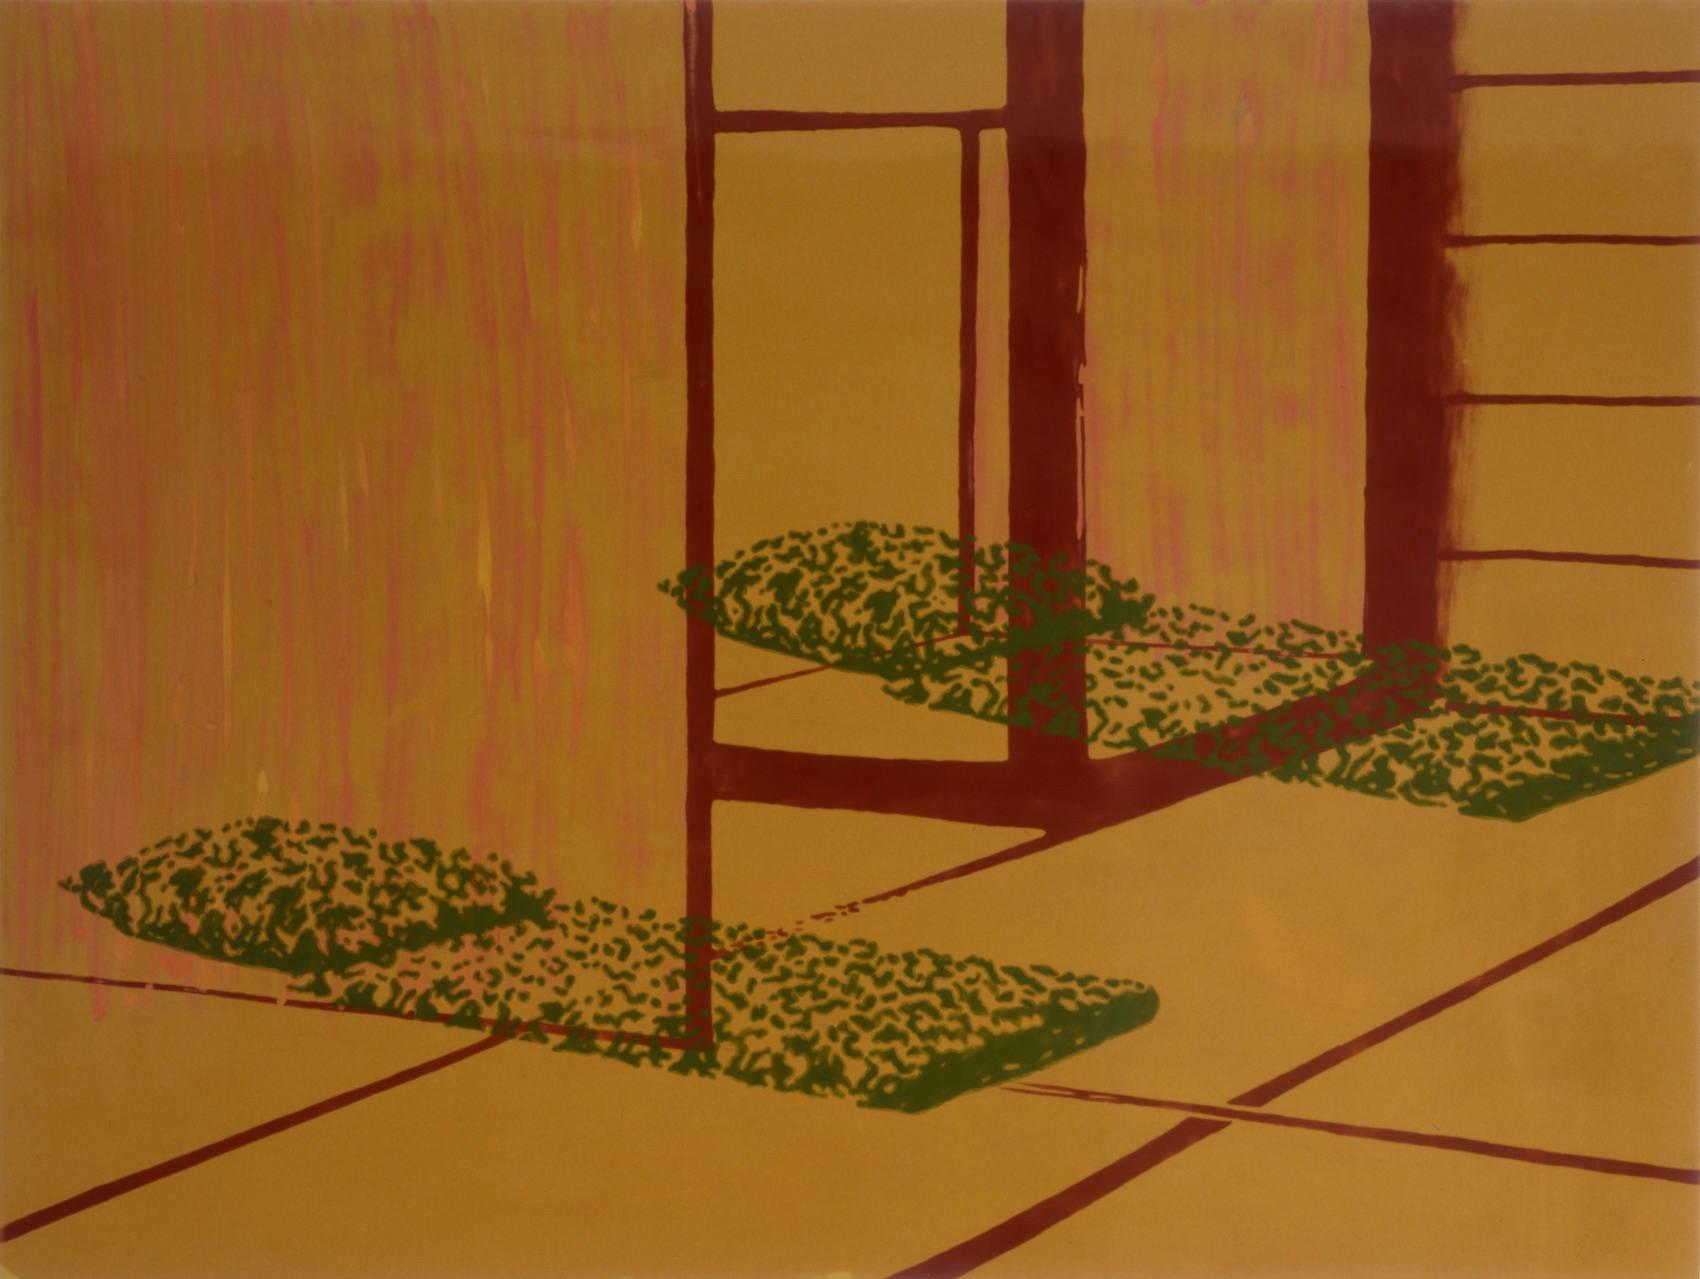 Intérieur, 1995, peinture alkyde sur Aerolam, 123 x 163 cm